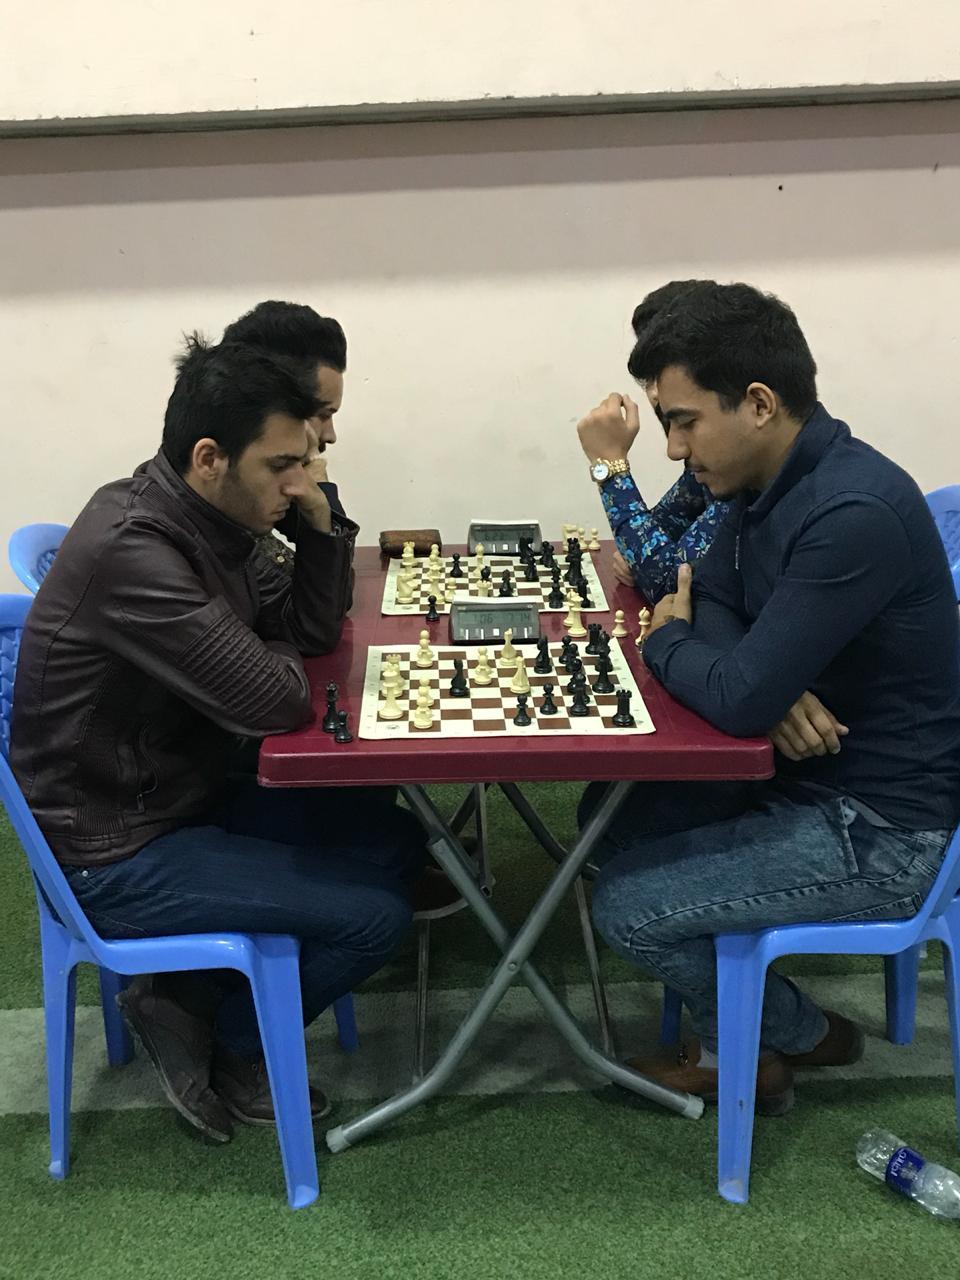 كليتنا تشارك في بطولة جامعة بغداد للشطرنج – طلاب